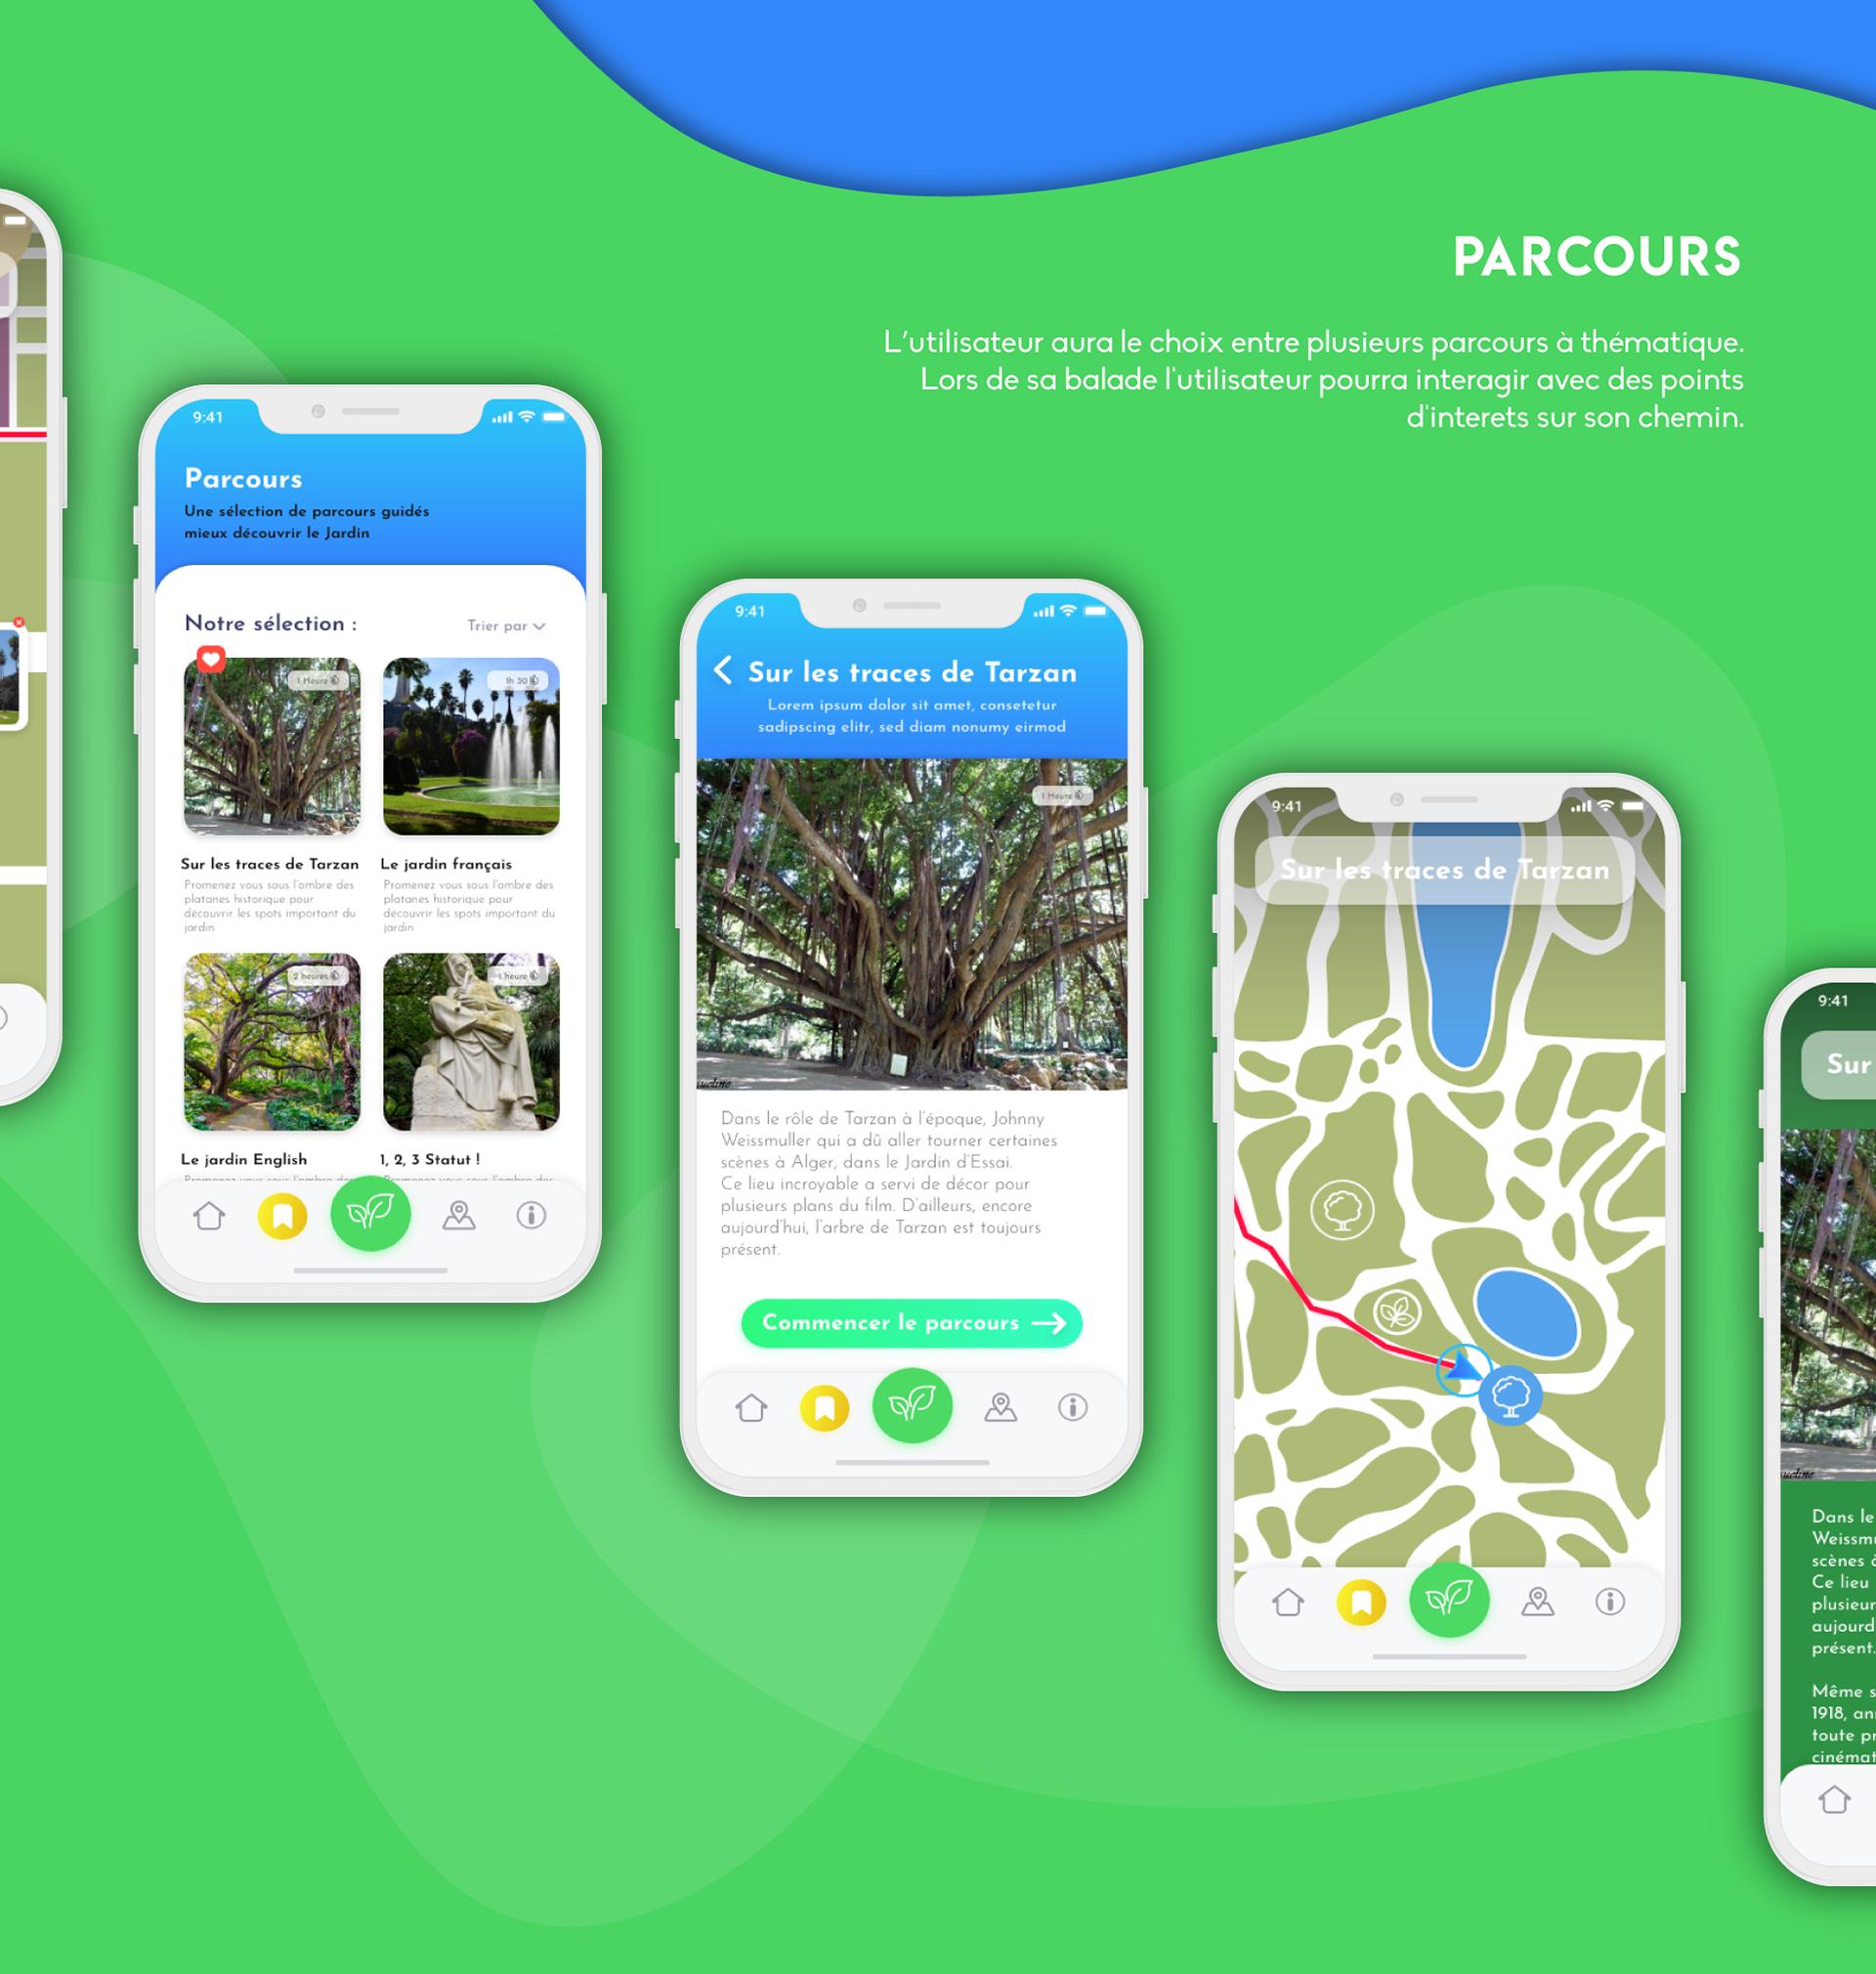 Jardin D'essai - Application Mobile Guide Touristique On Behance encequiconcerne Statut De Jardin